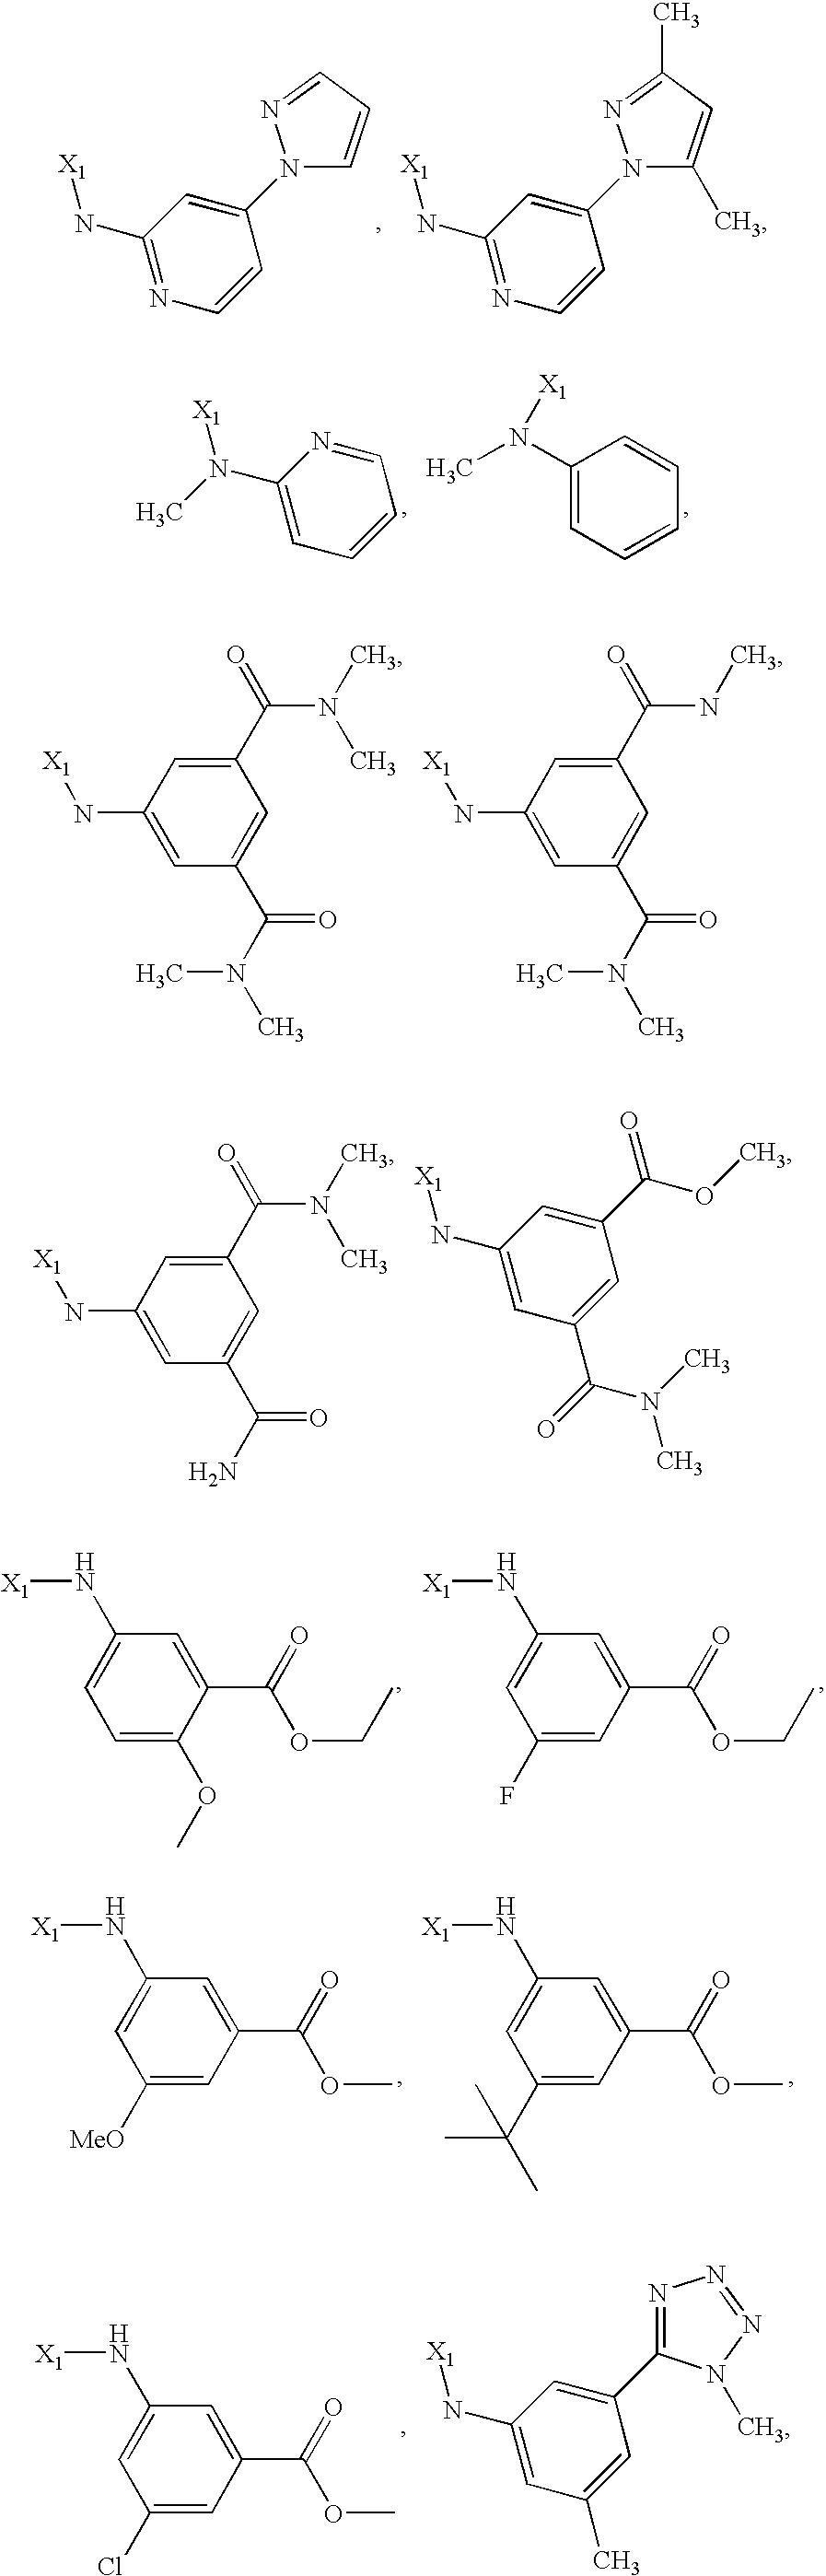 Figure US20100261687A1-20101014-C00521